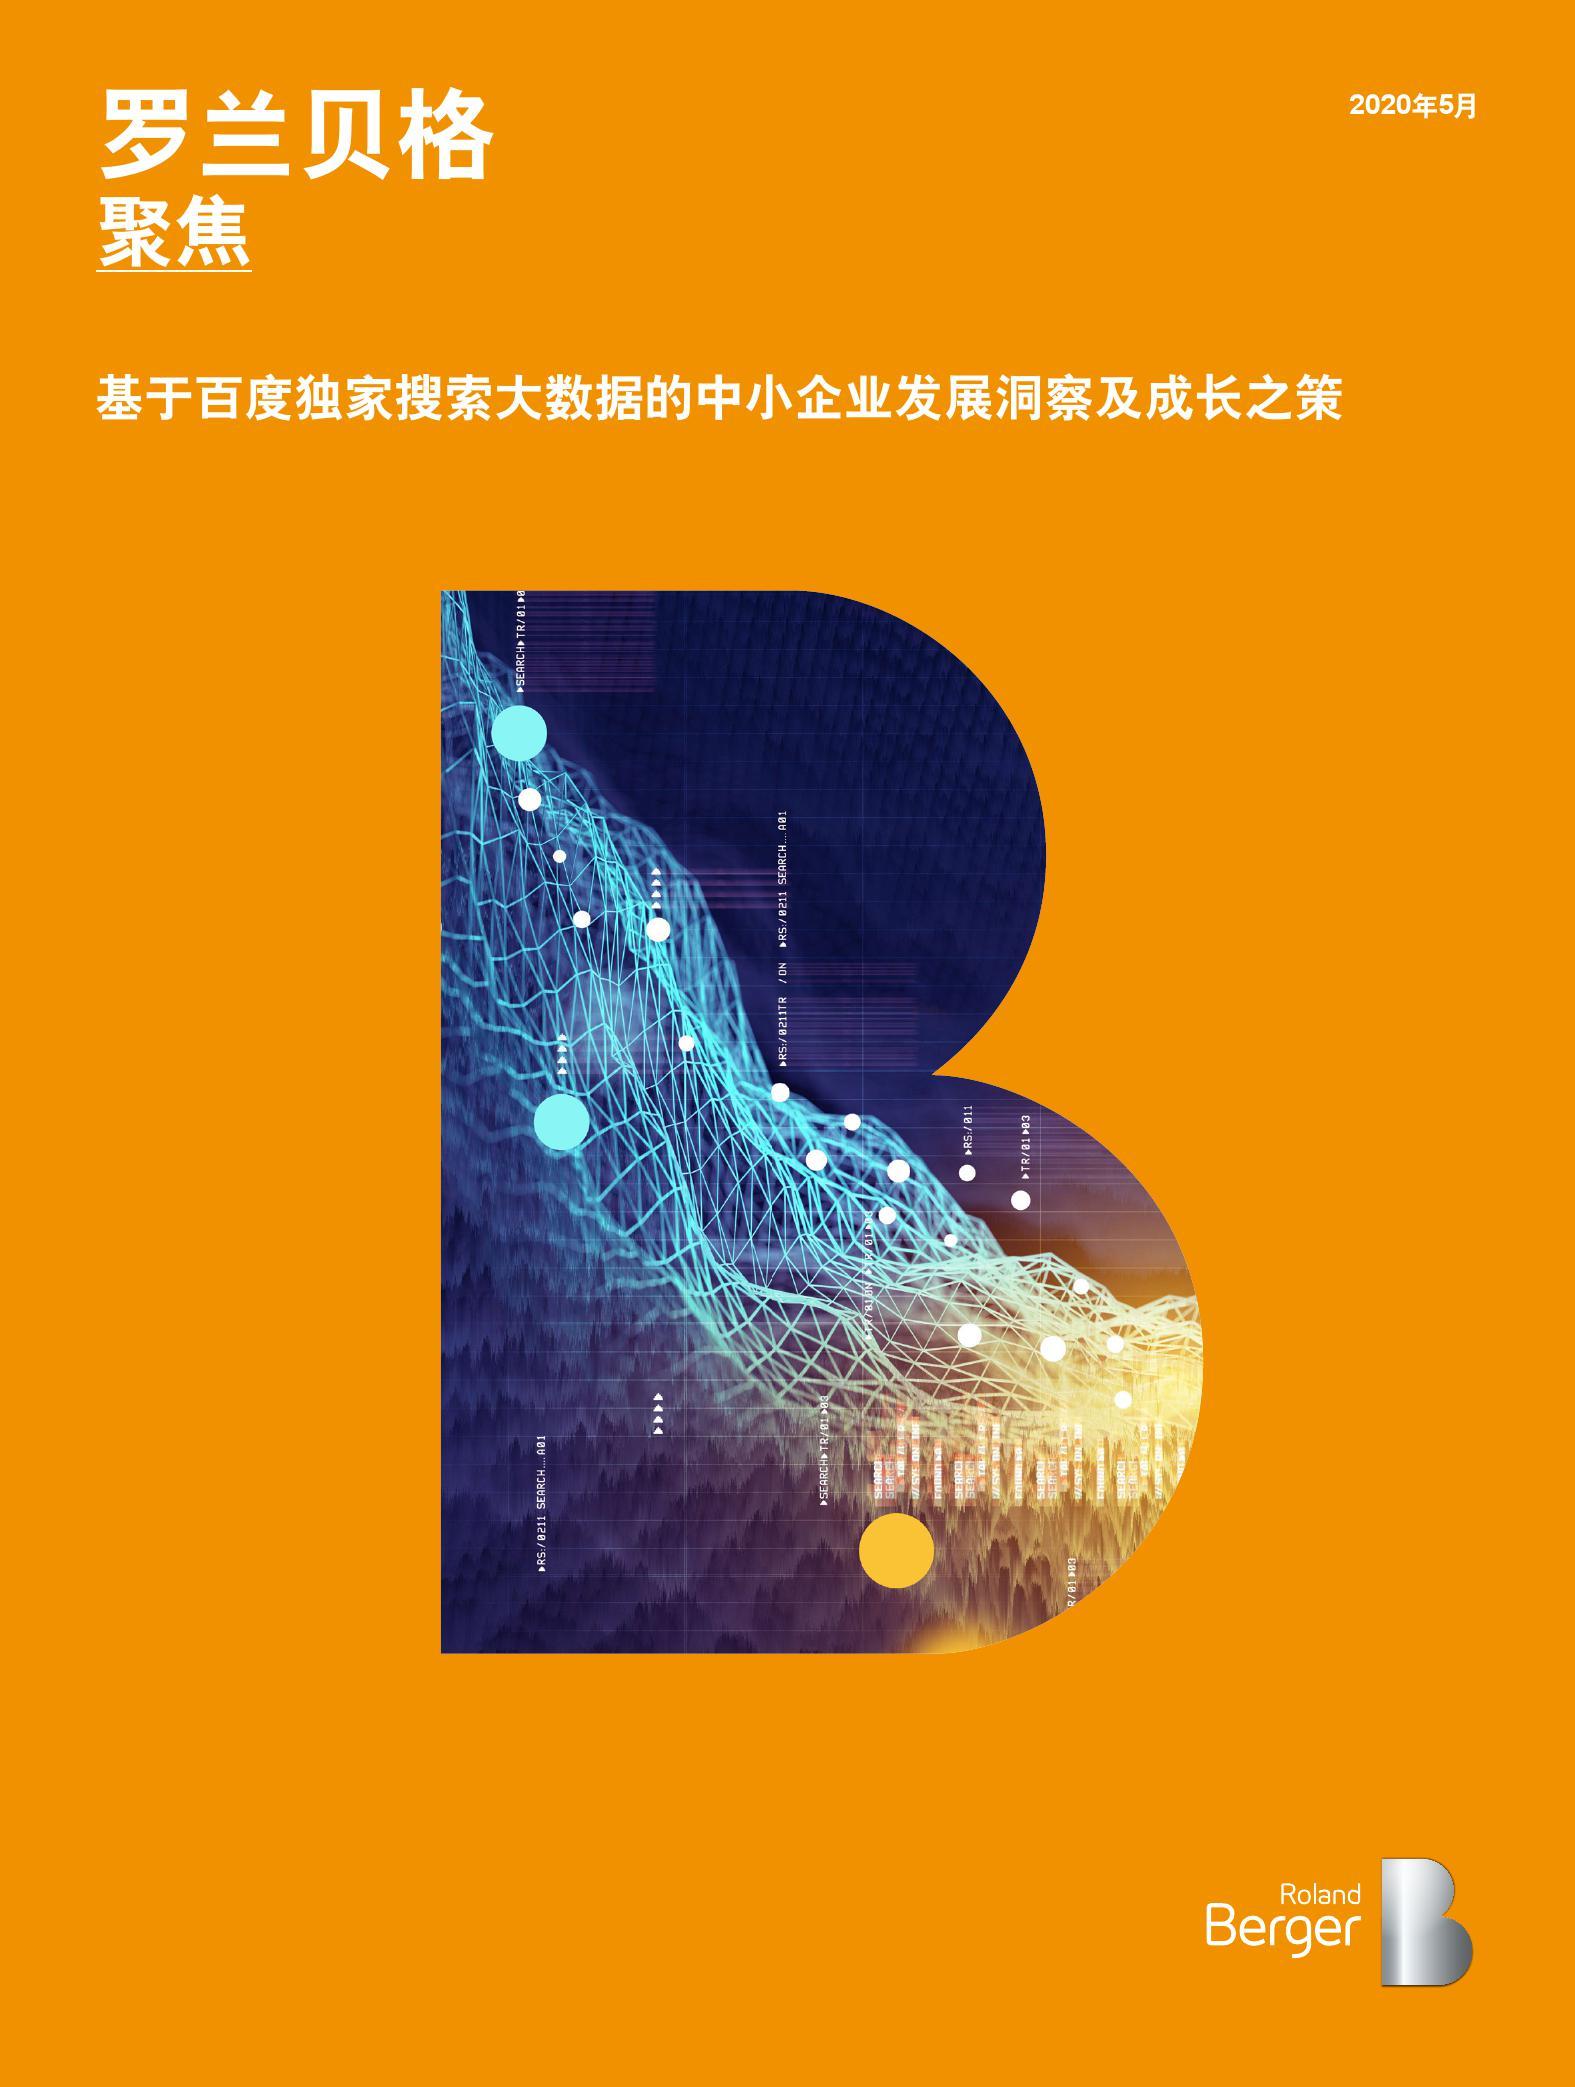 罗兰贝格&百度:基于百度独家搜索大数据的中小企业发展洞察及成长之策报告(附下载)